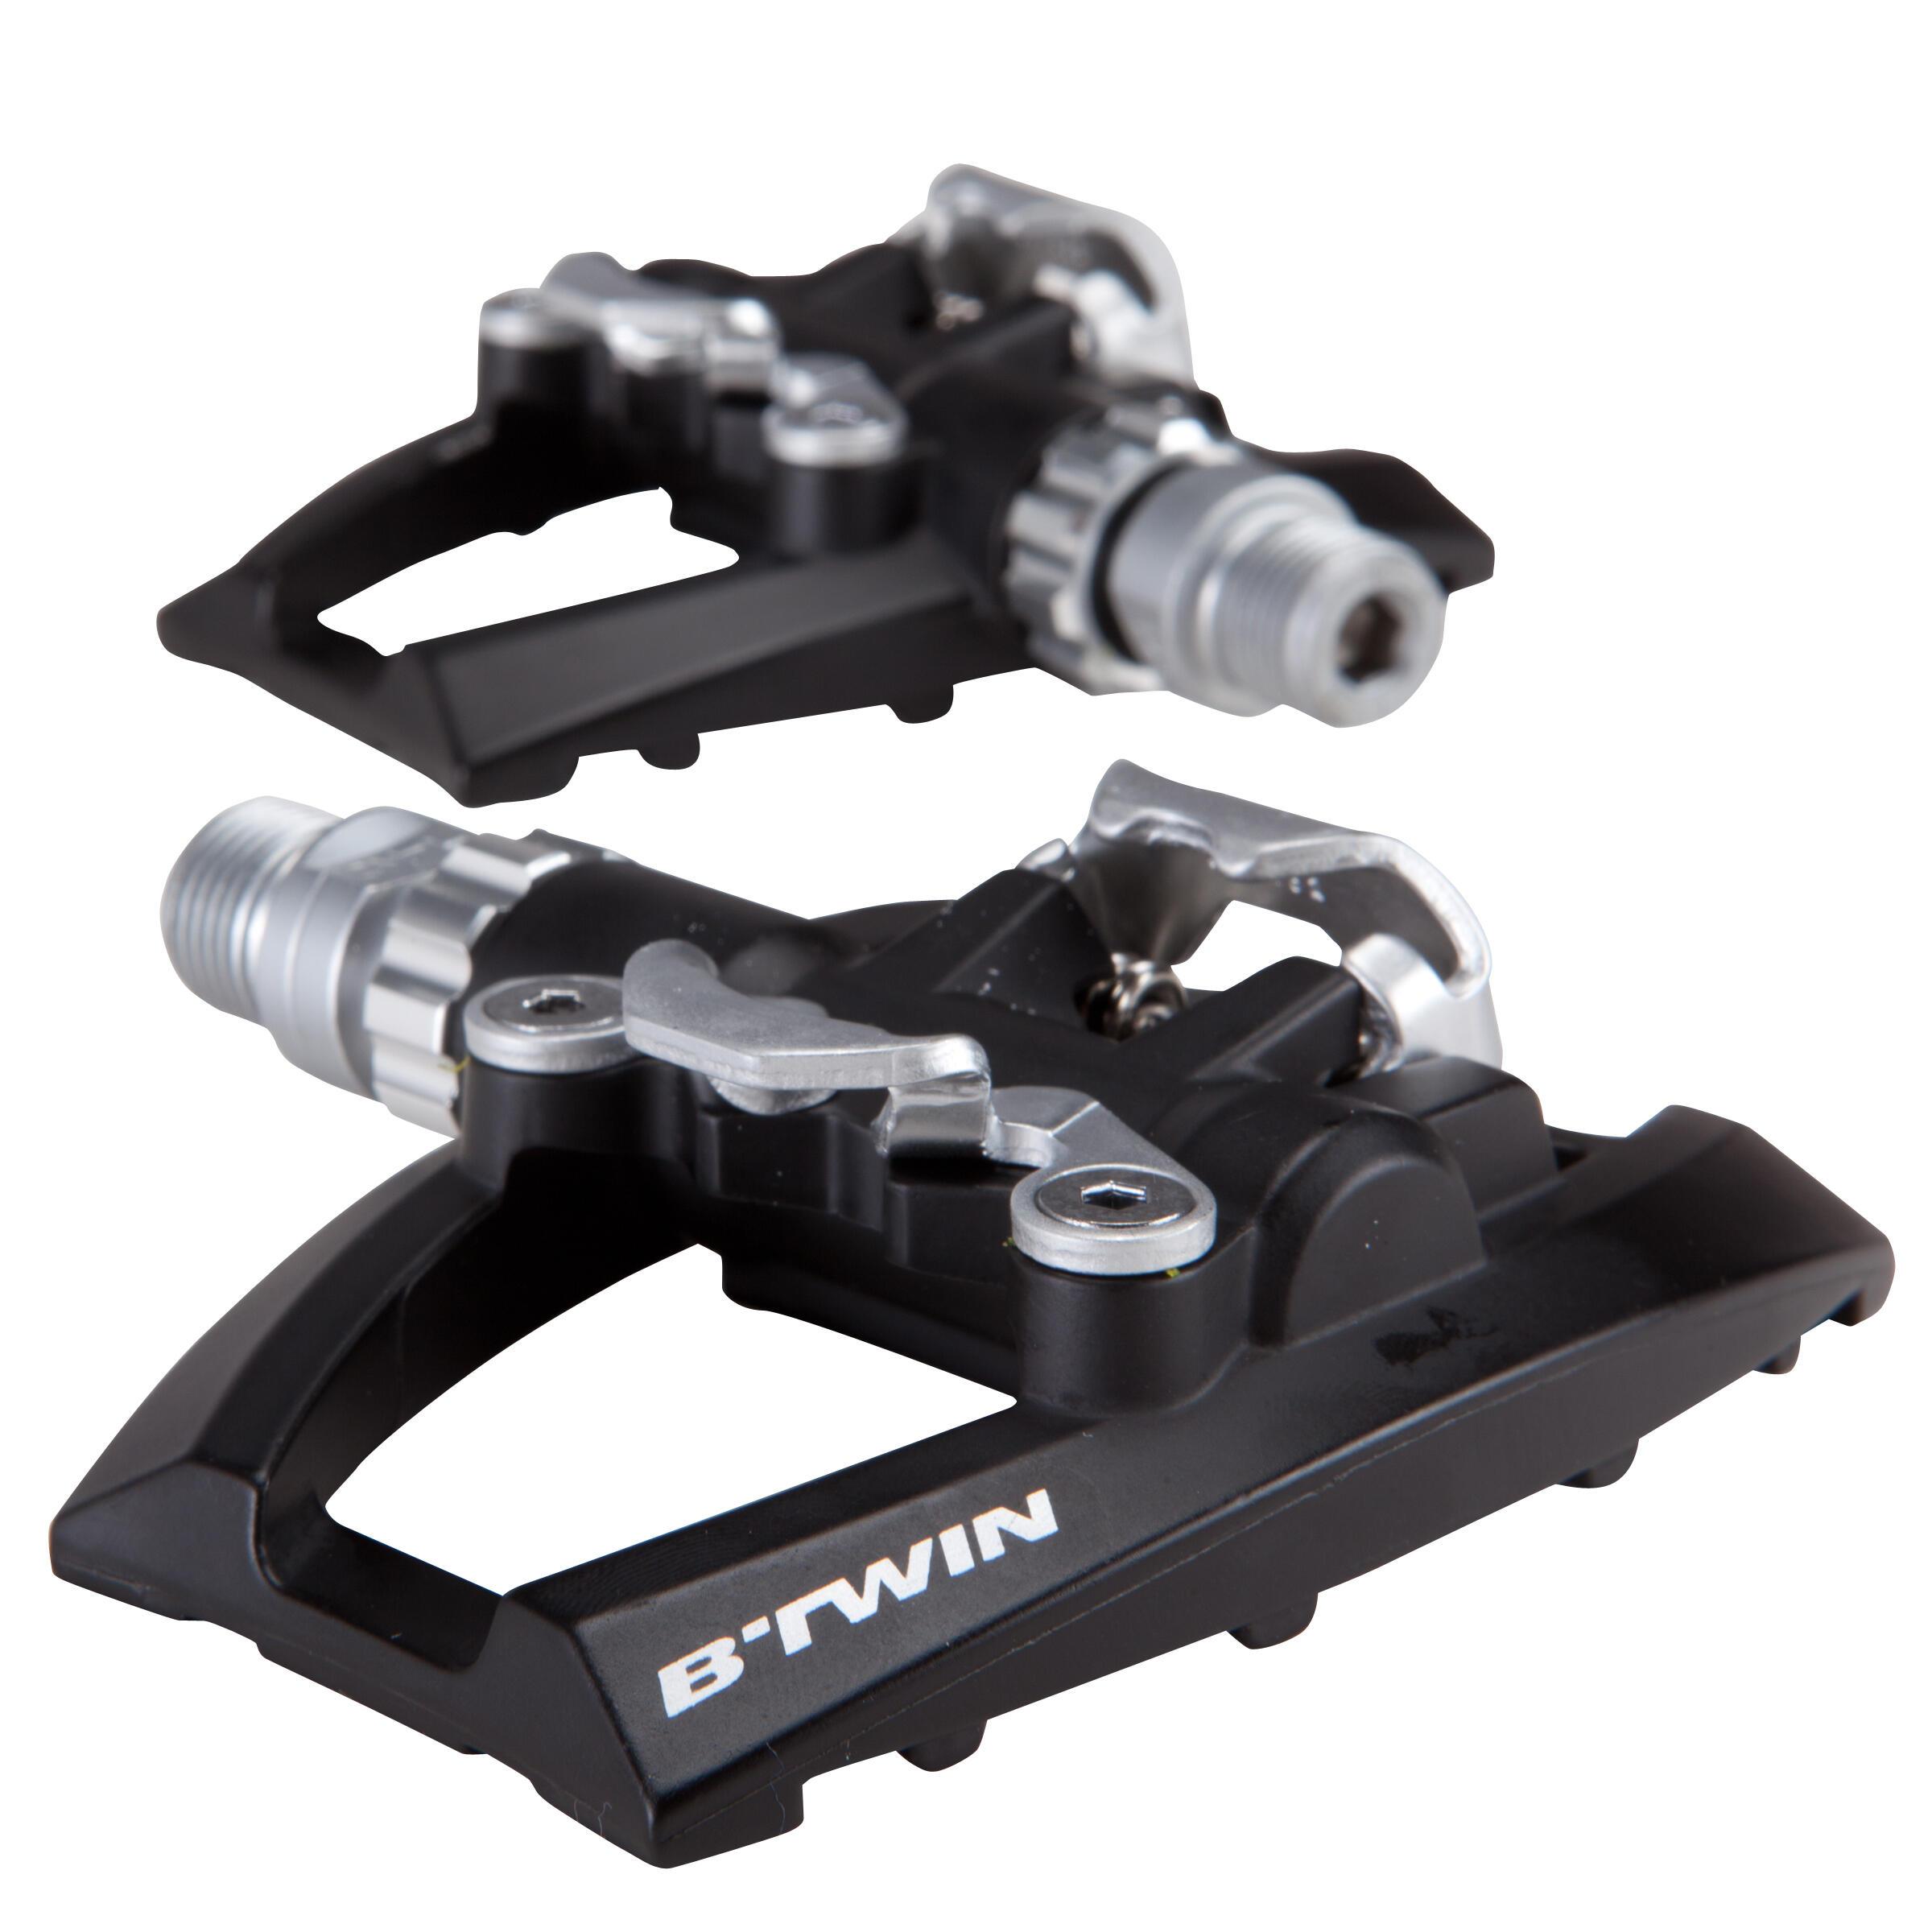 B'twin   fietsen   pedaal   semi automatische racepedalen 500 compatibel met spd. ontworpen voor: ...